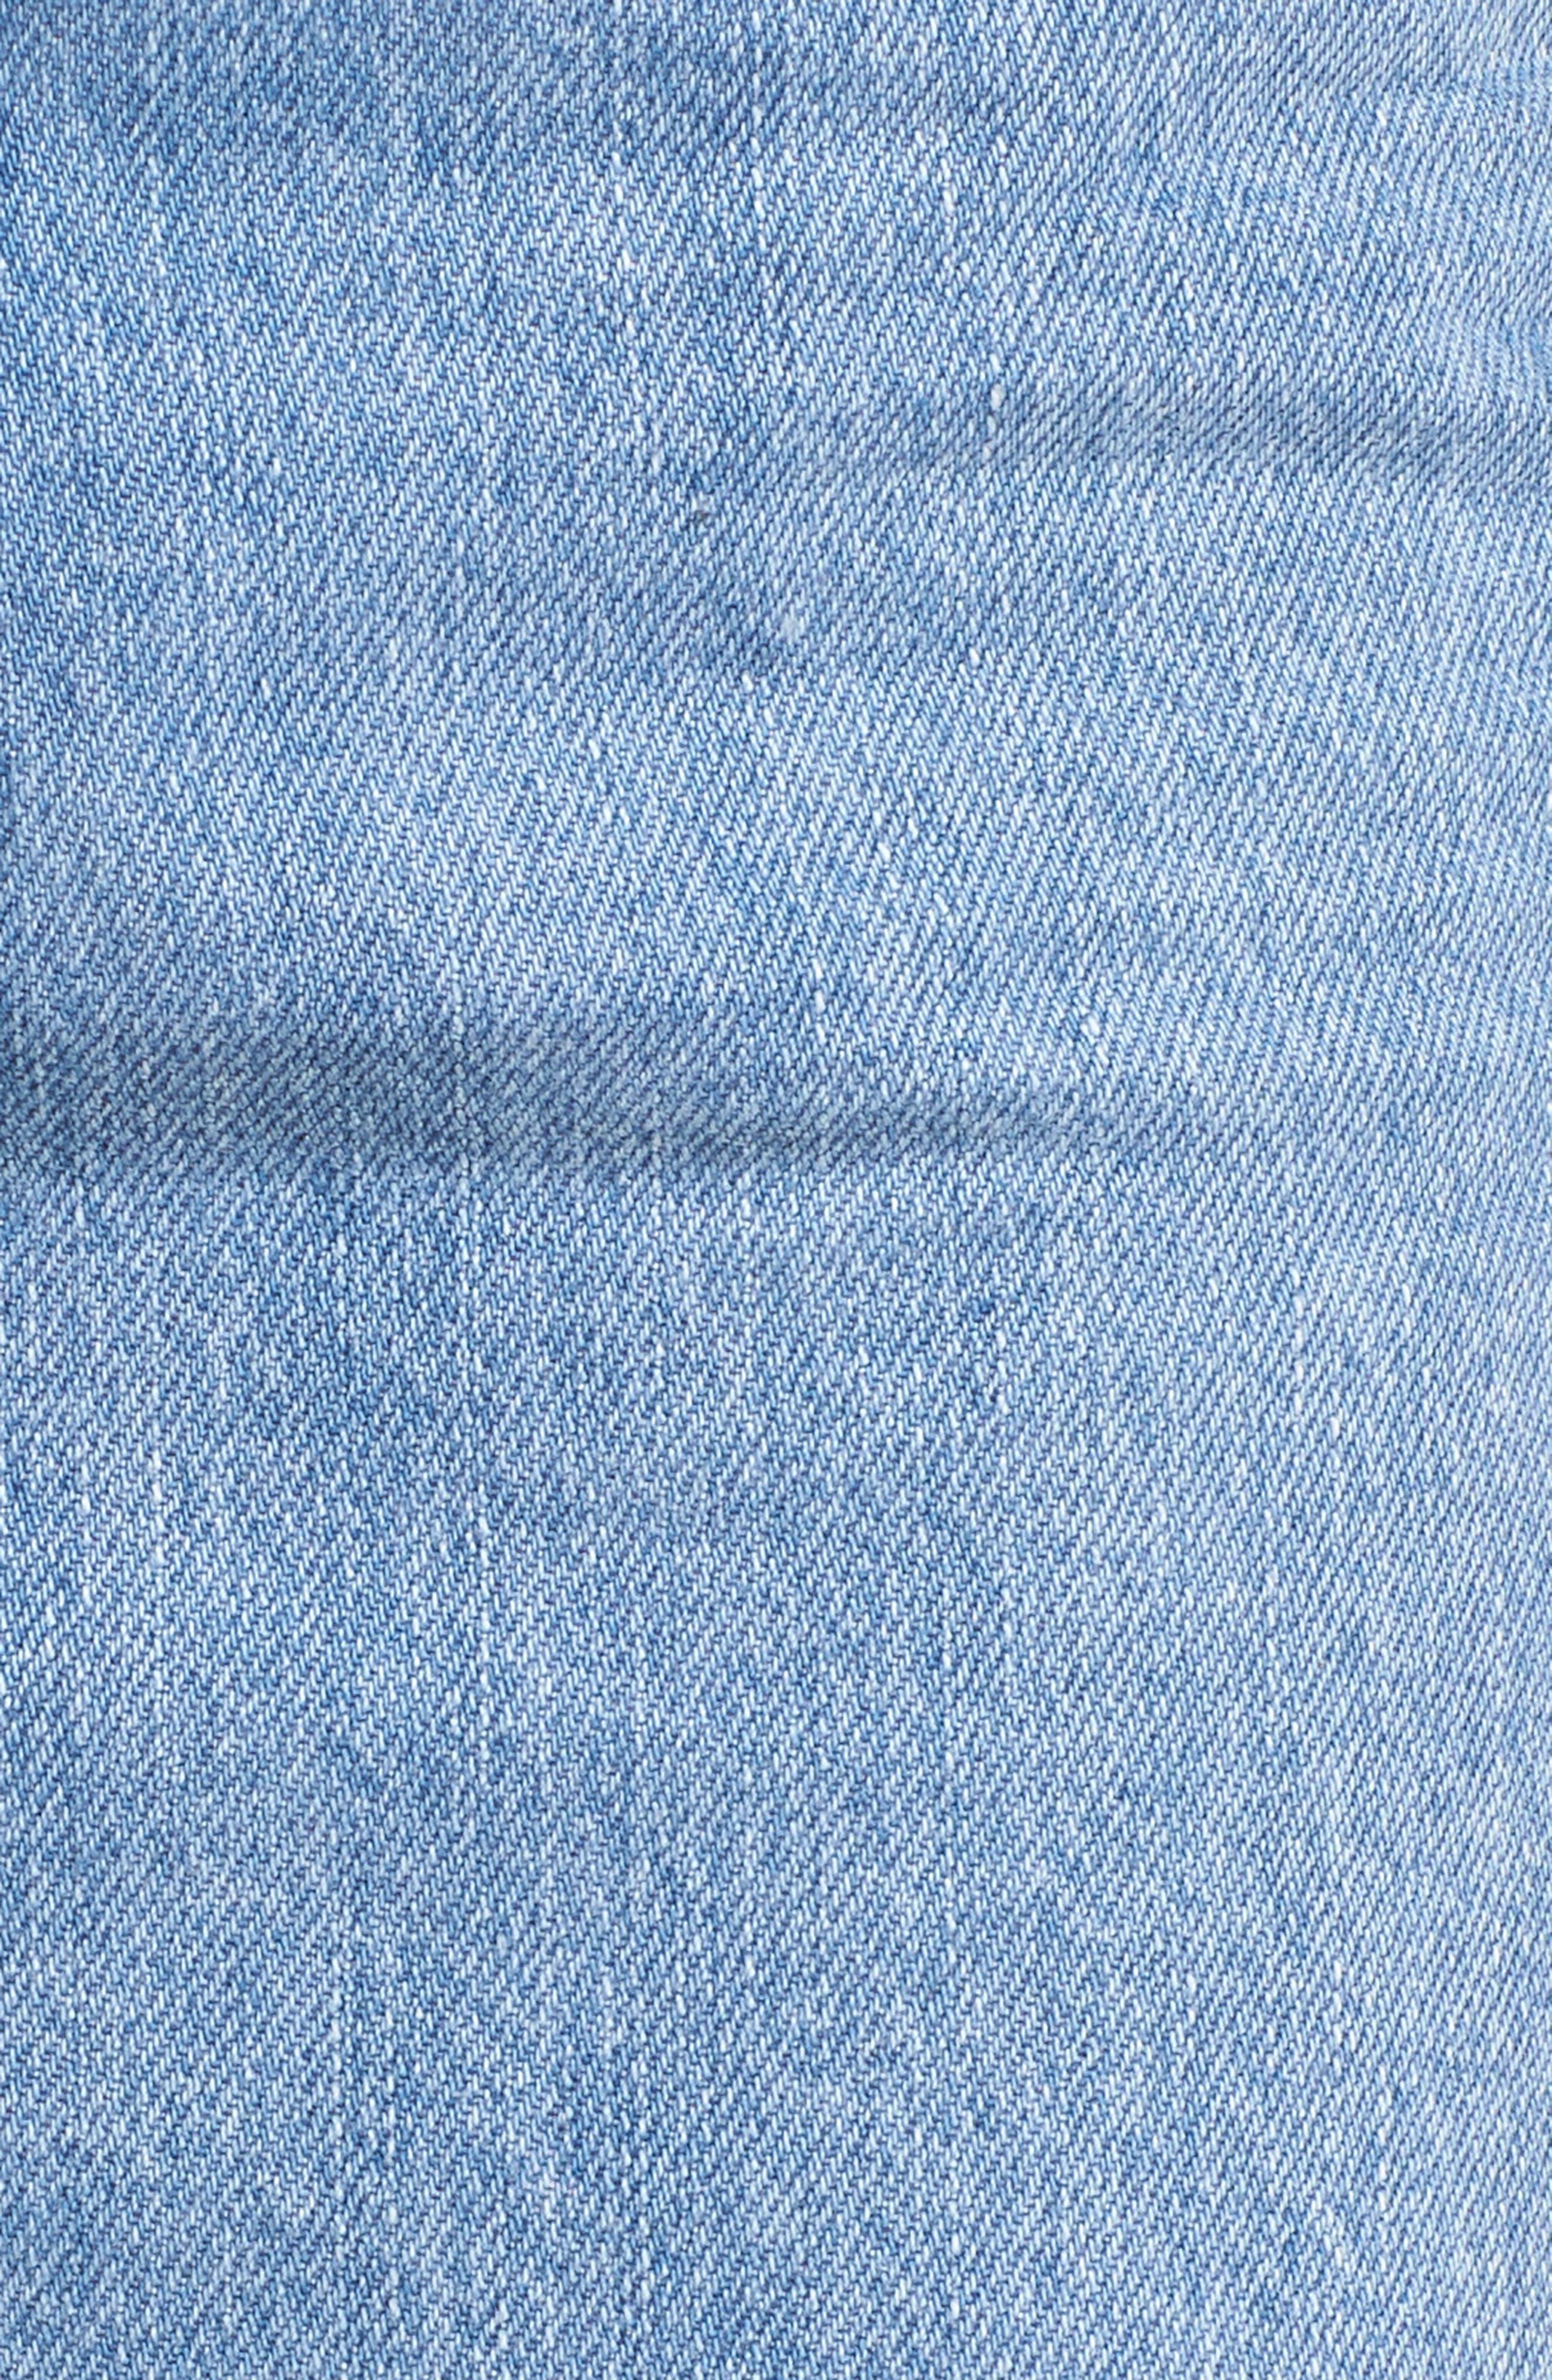 MOTO Stripe Denim Skirt,                             Alternate thumbnail 6, color,